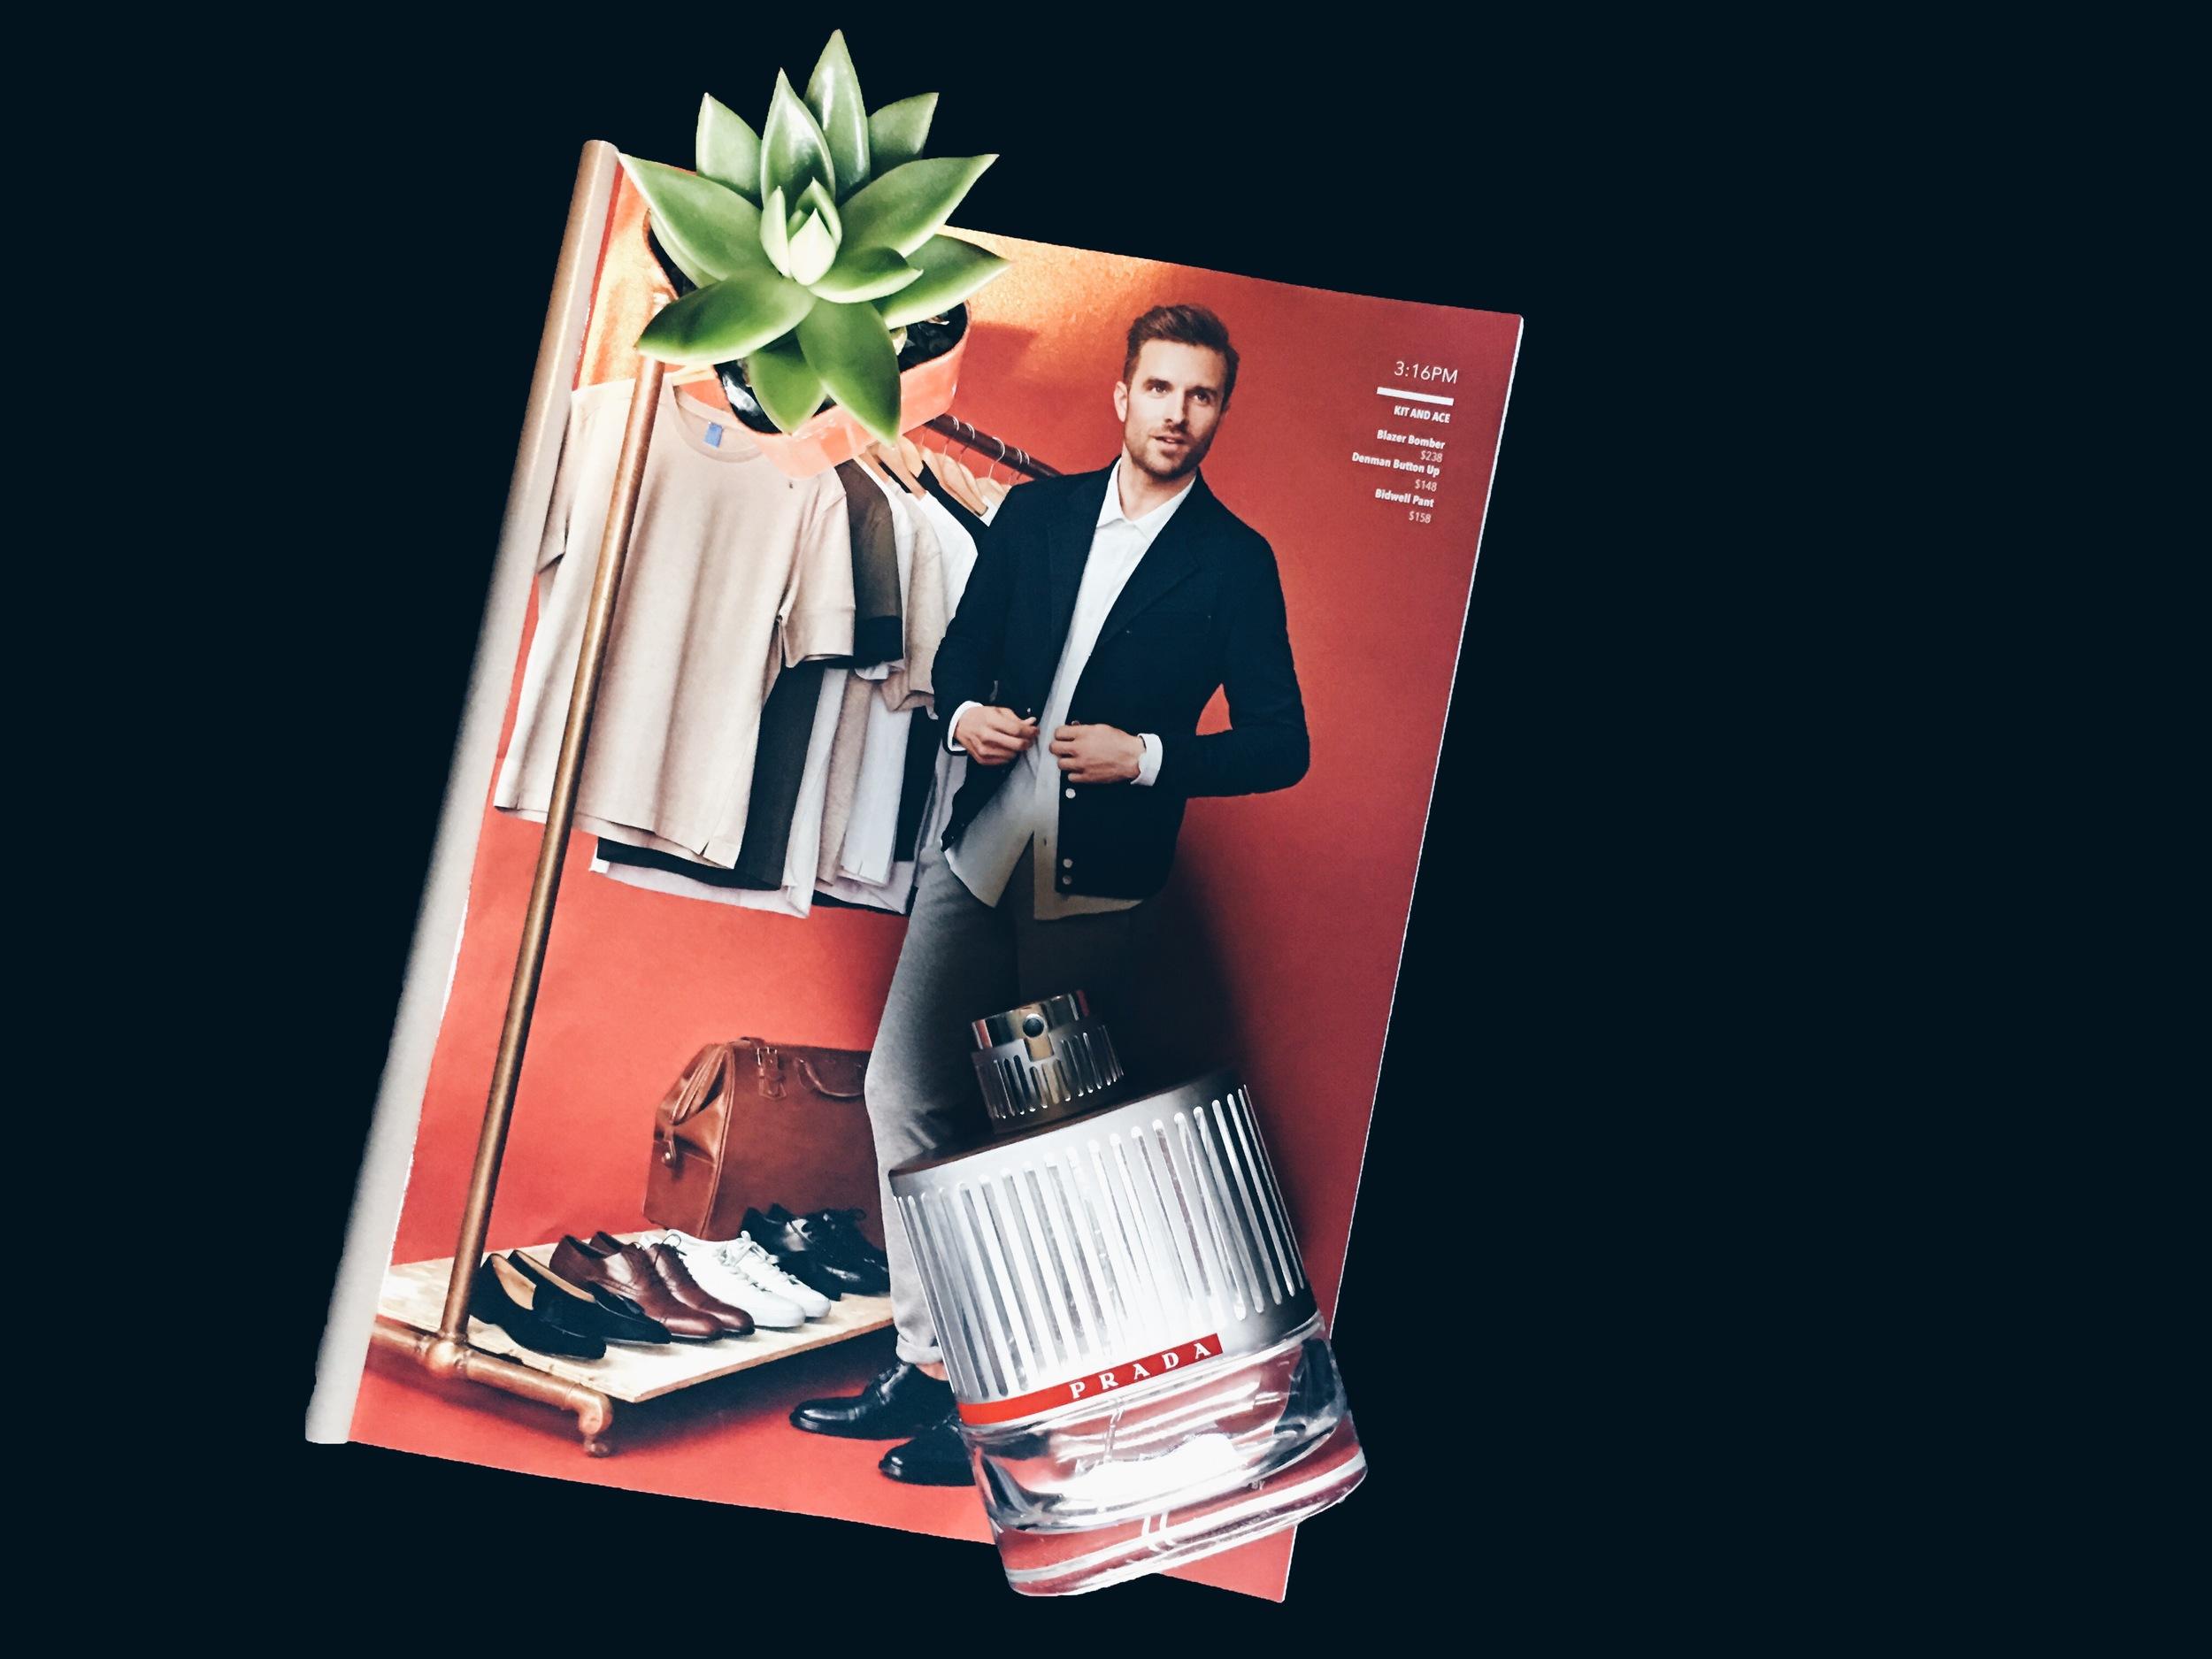 sam-c-perry-the-best-summer-fragrances-for-men.jpg